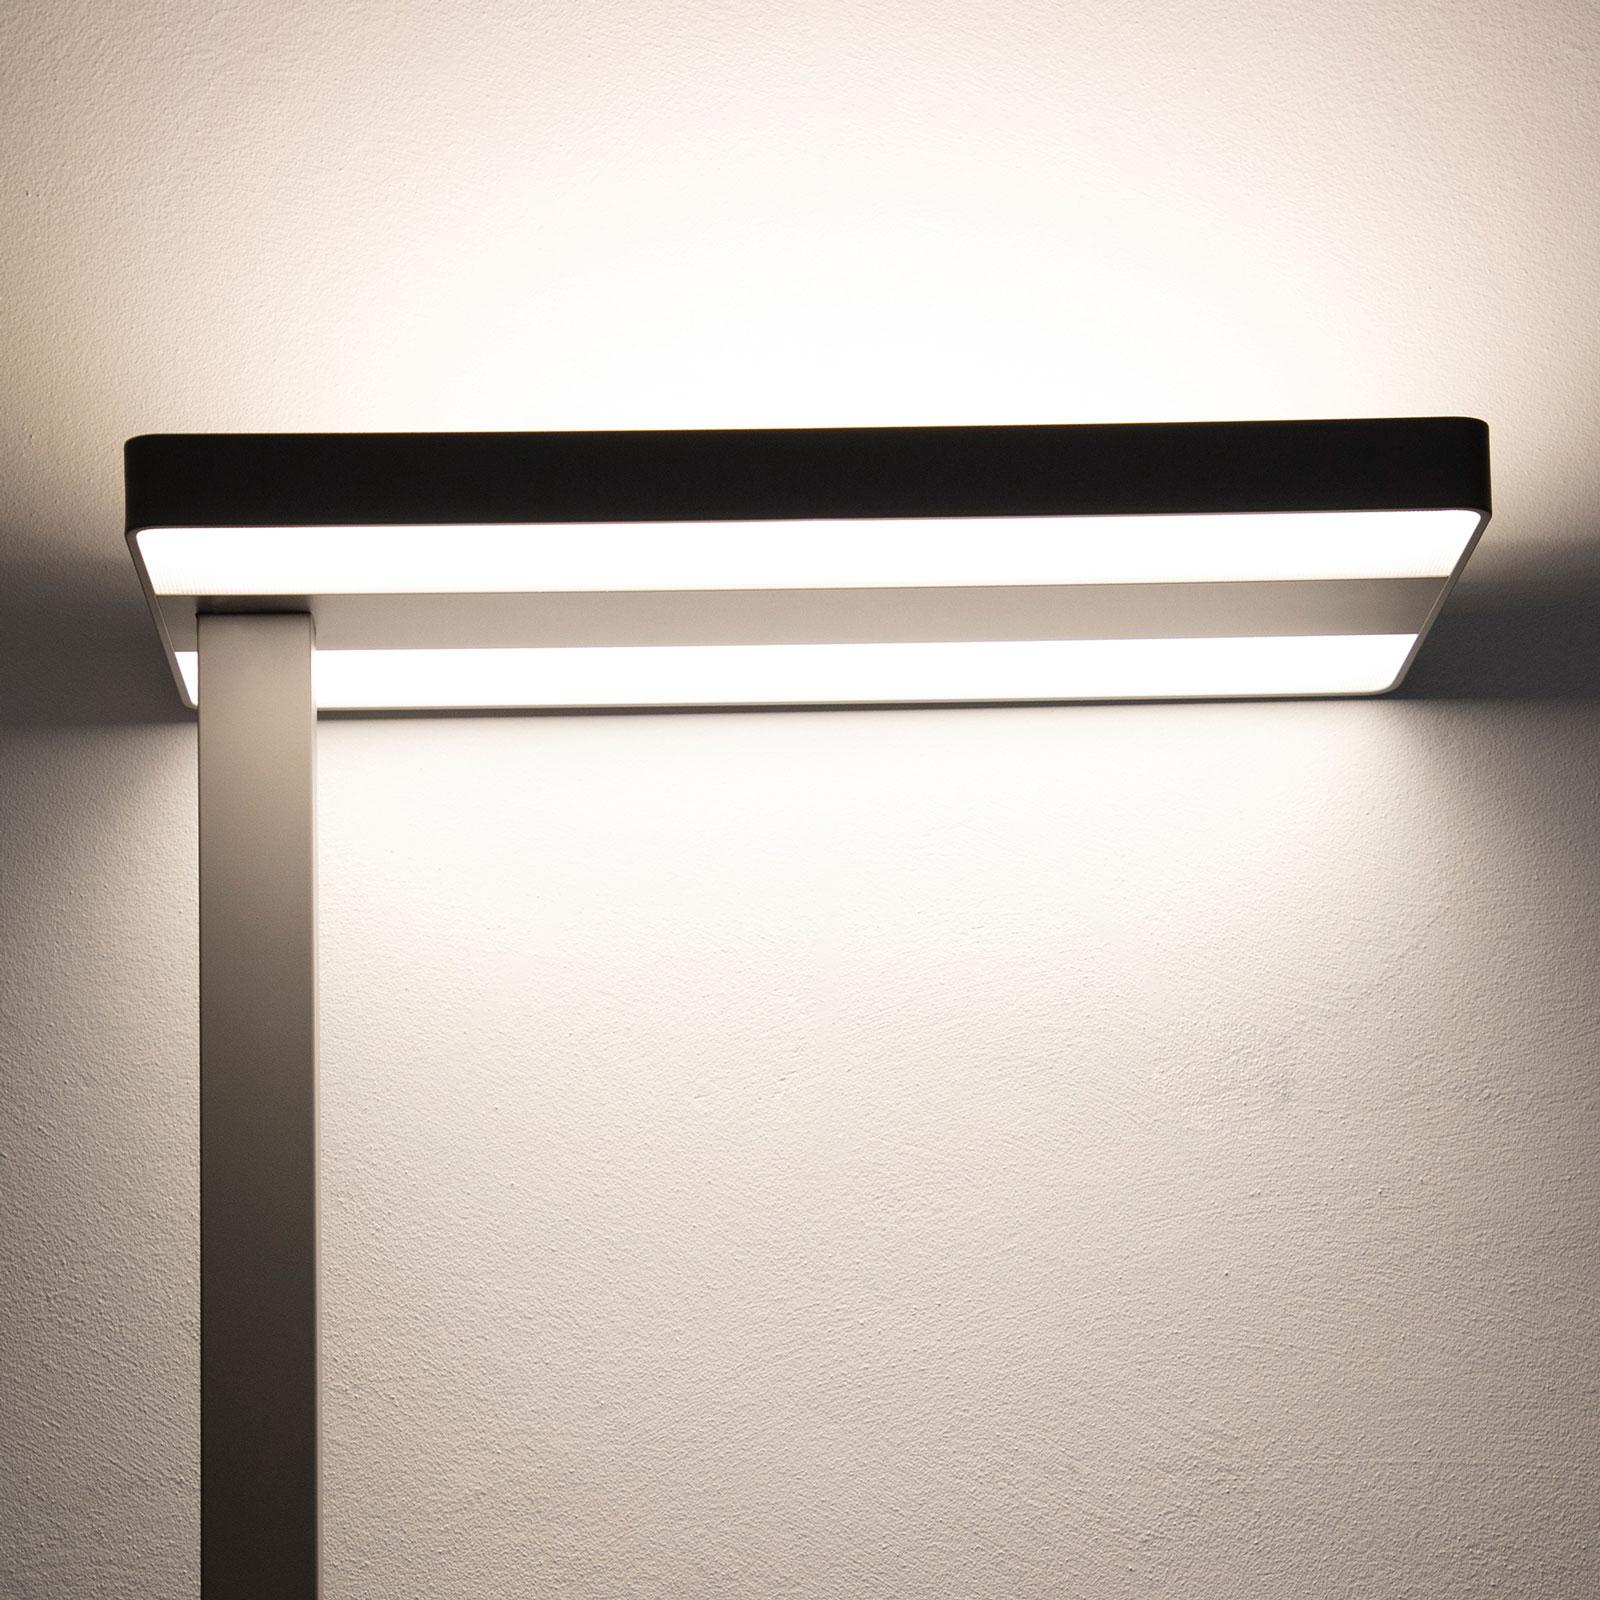 Lampa stojąca LED MAULjaval ze stopą zaciskową